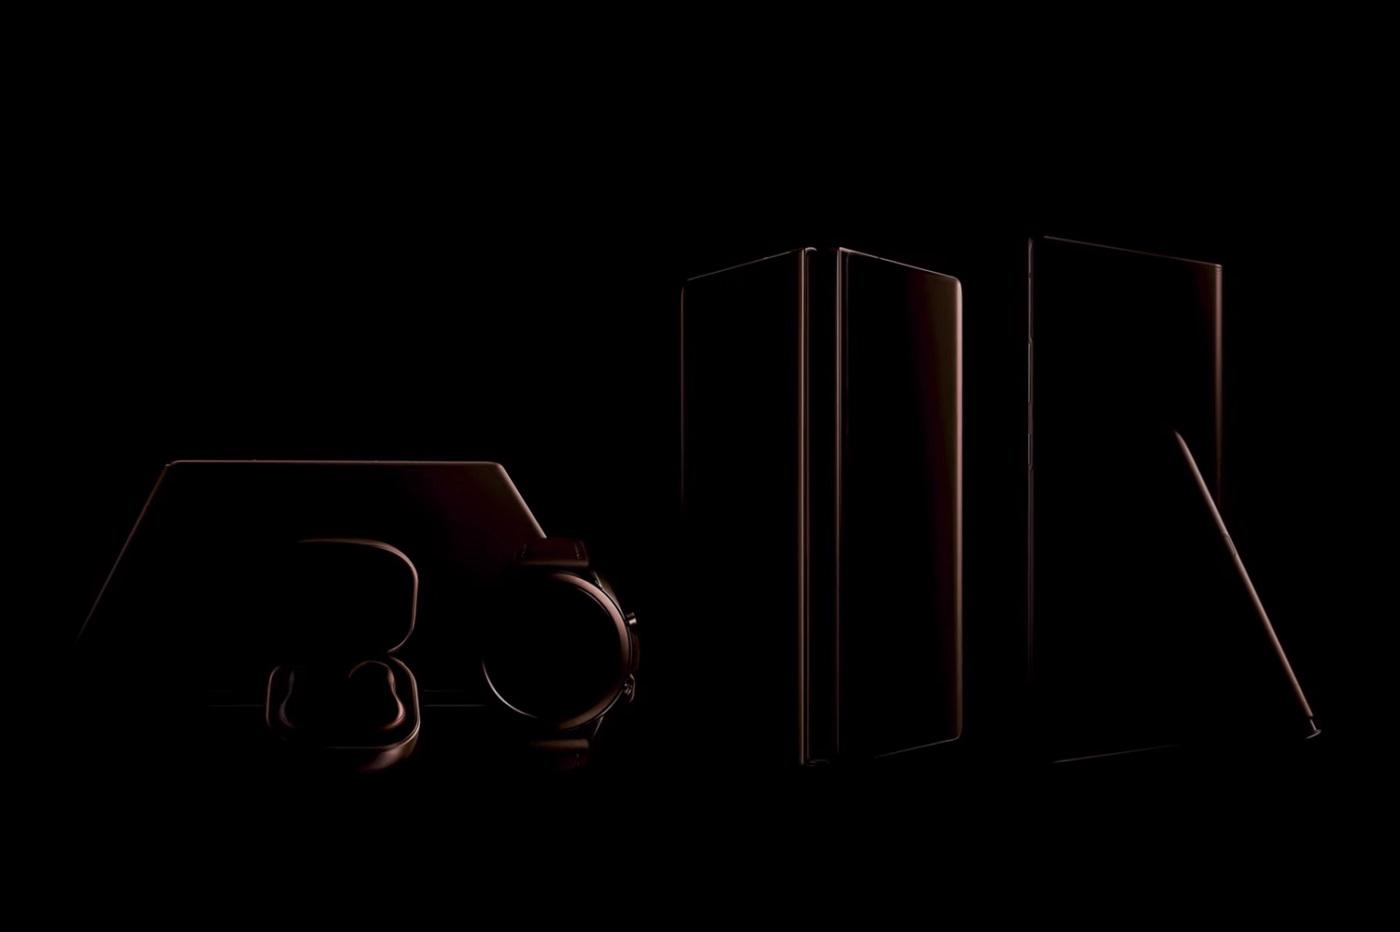 Teaser publié par Samsung